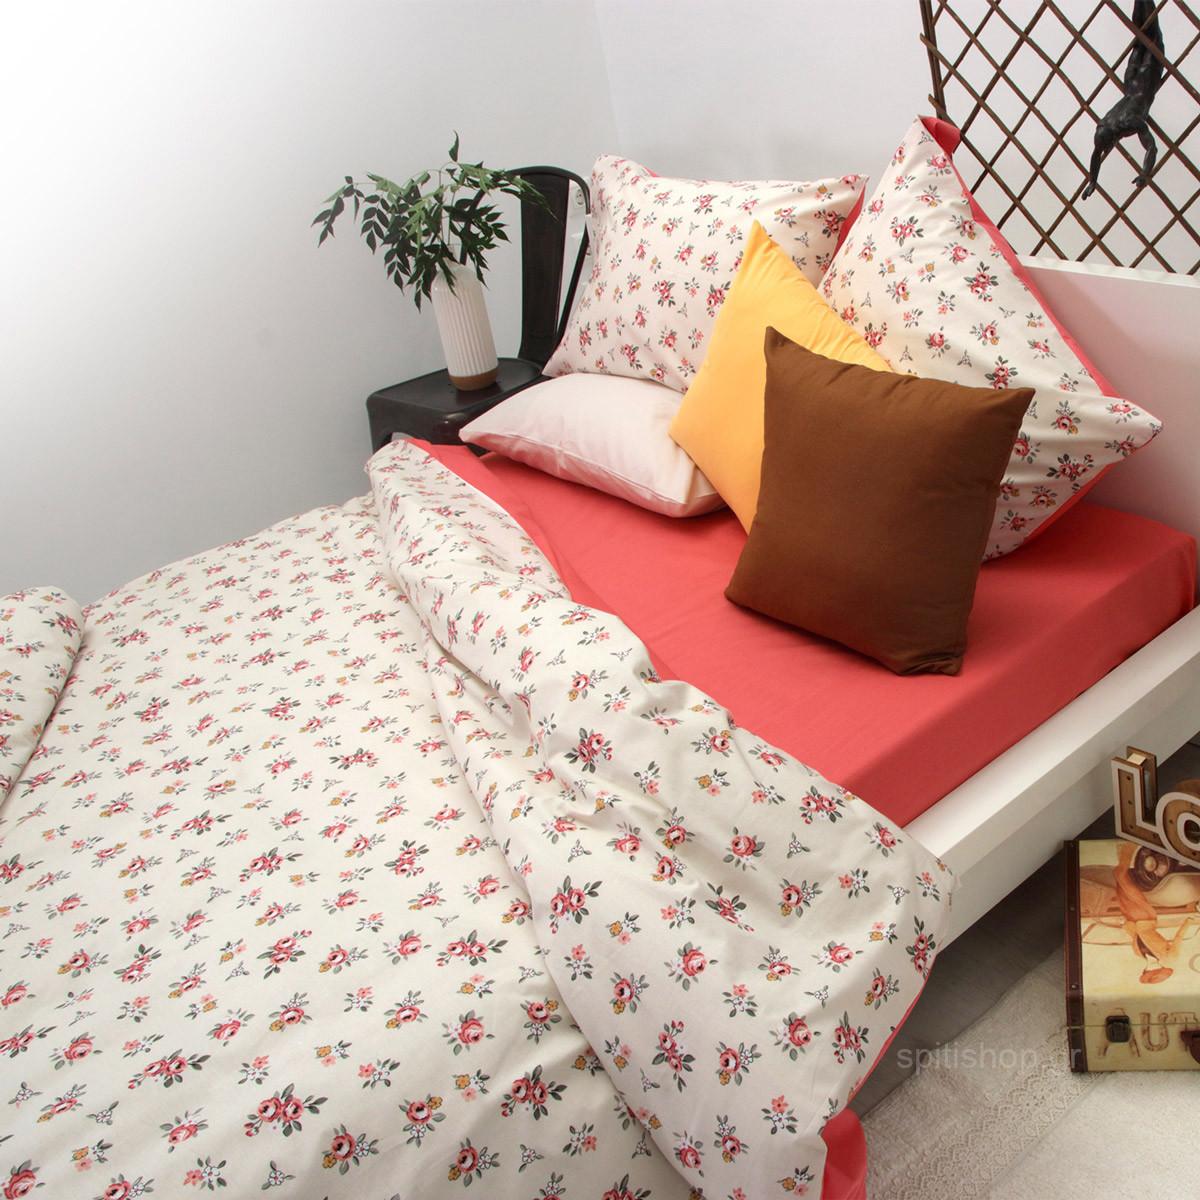 Σεντόνια Υπέρδιπλα (Σετ) Sb Home Floral Corali